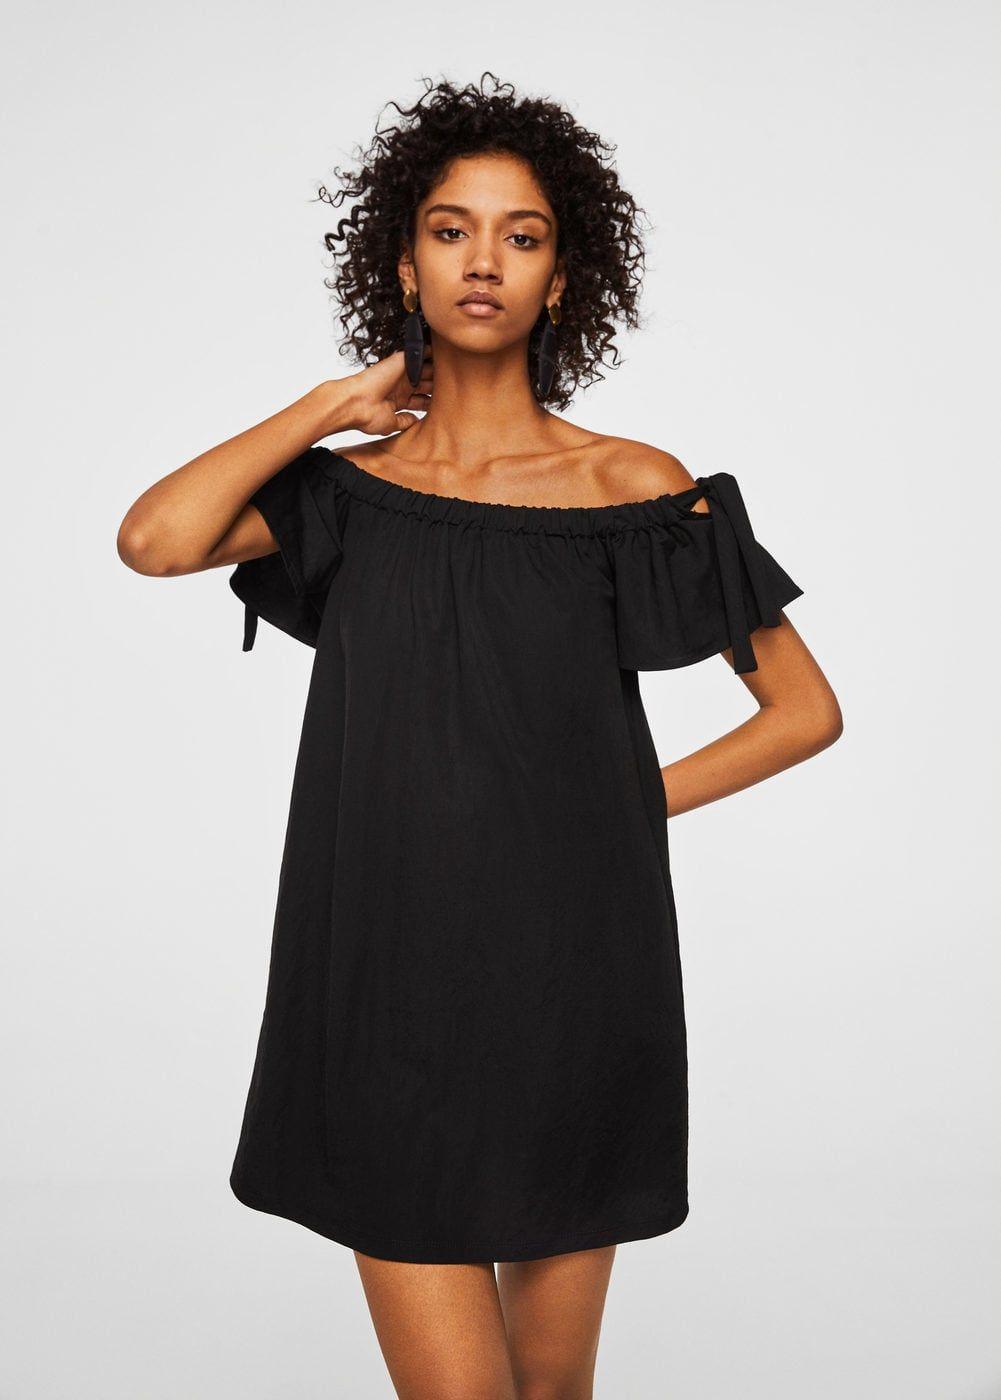 da2679fdfffc Straight design Flowy fabric Elastic shirring Short sleeve